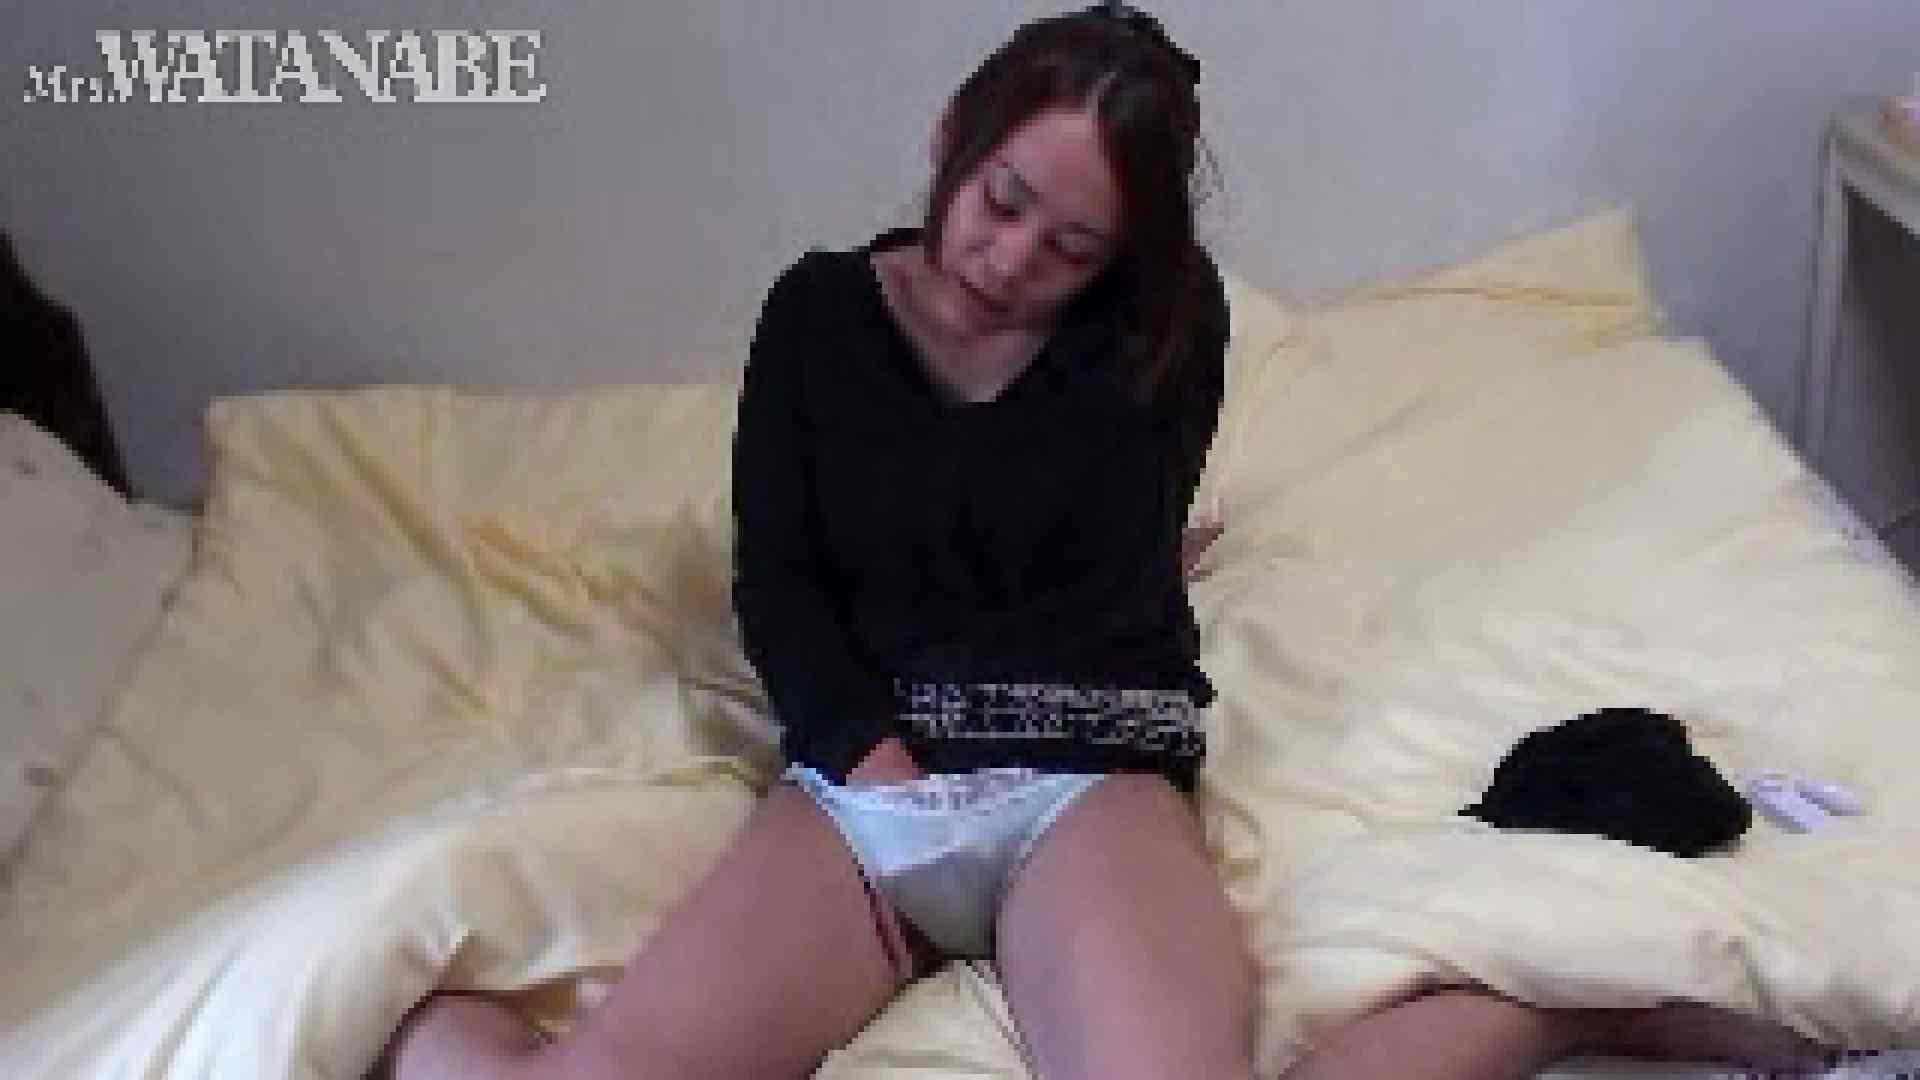 SNSで出会った人妻をハメ撮りしちゃいます 2回目 前編 熟女  33連発 32